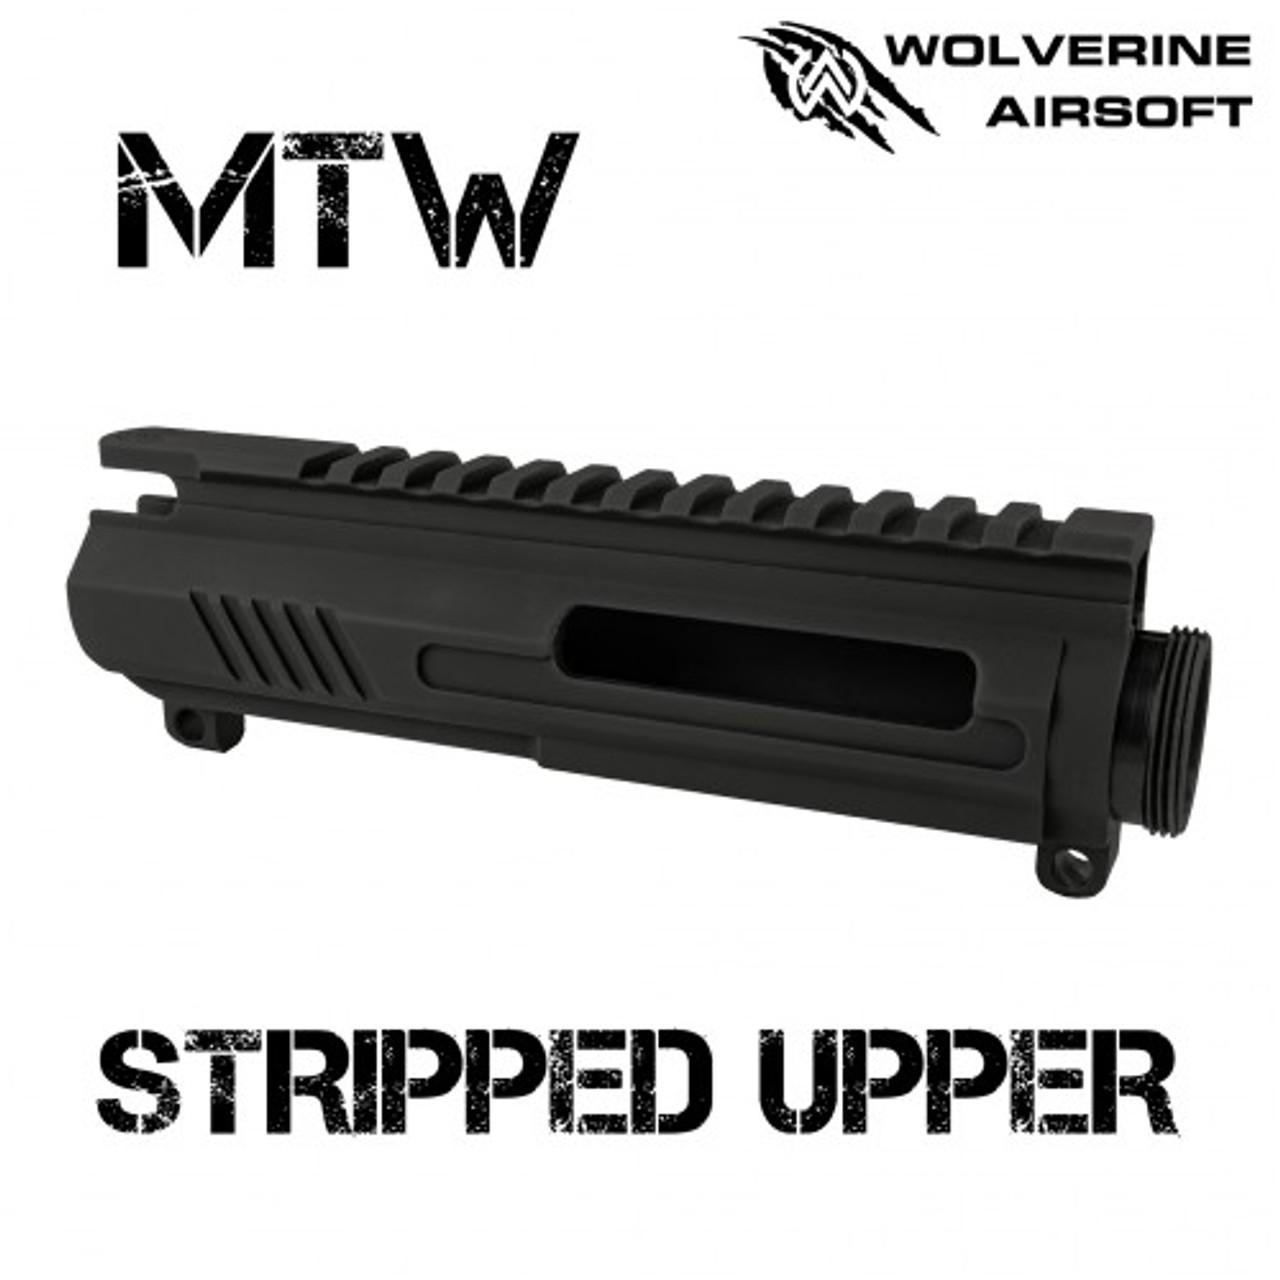 Wolverine Airsoft MTW Stripped Upper